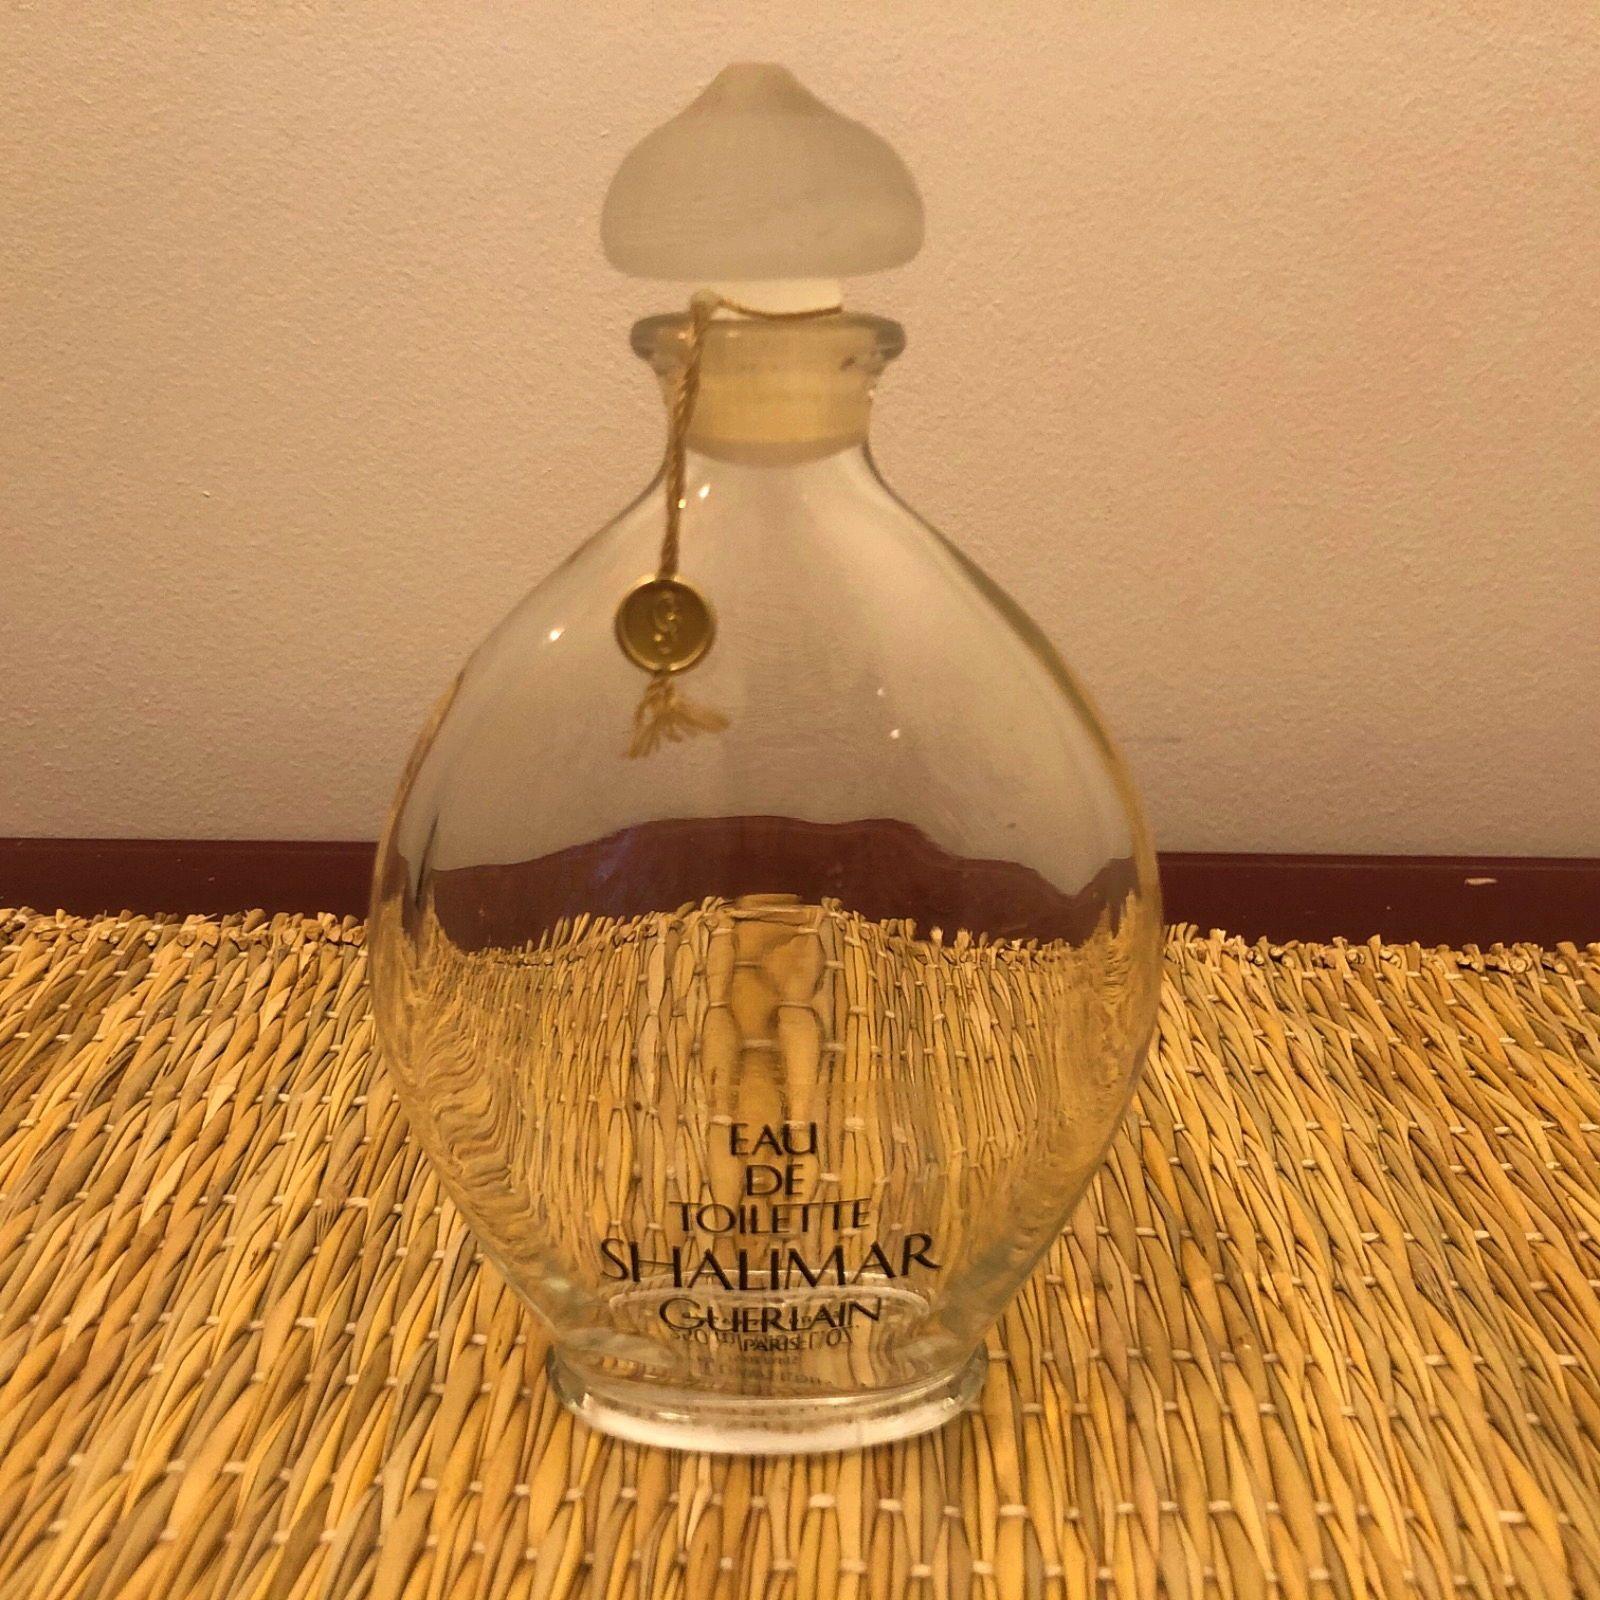 Vends beau flacon de parfum Shalimar de Guerlain Paris